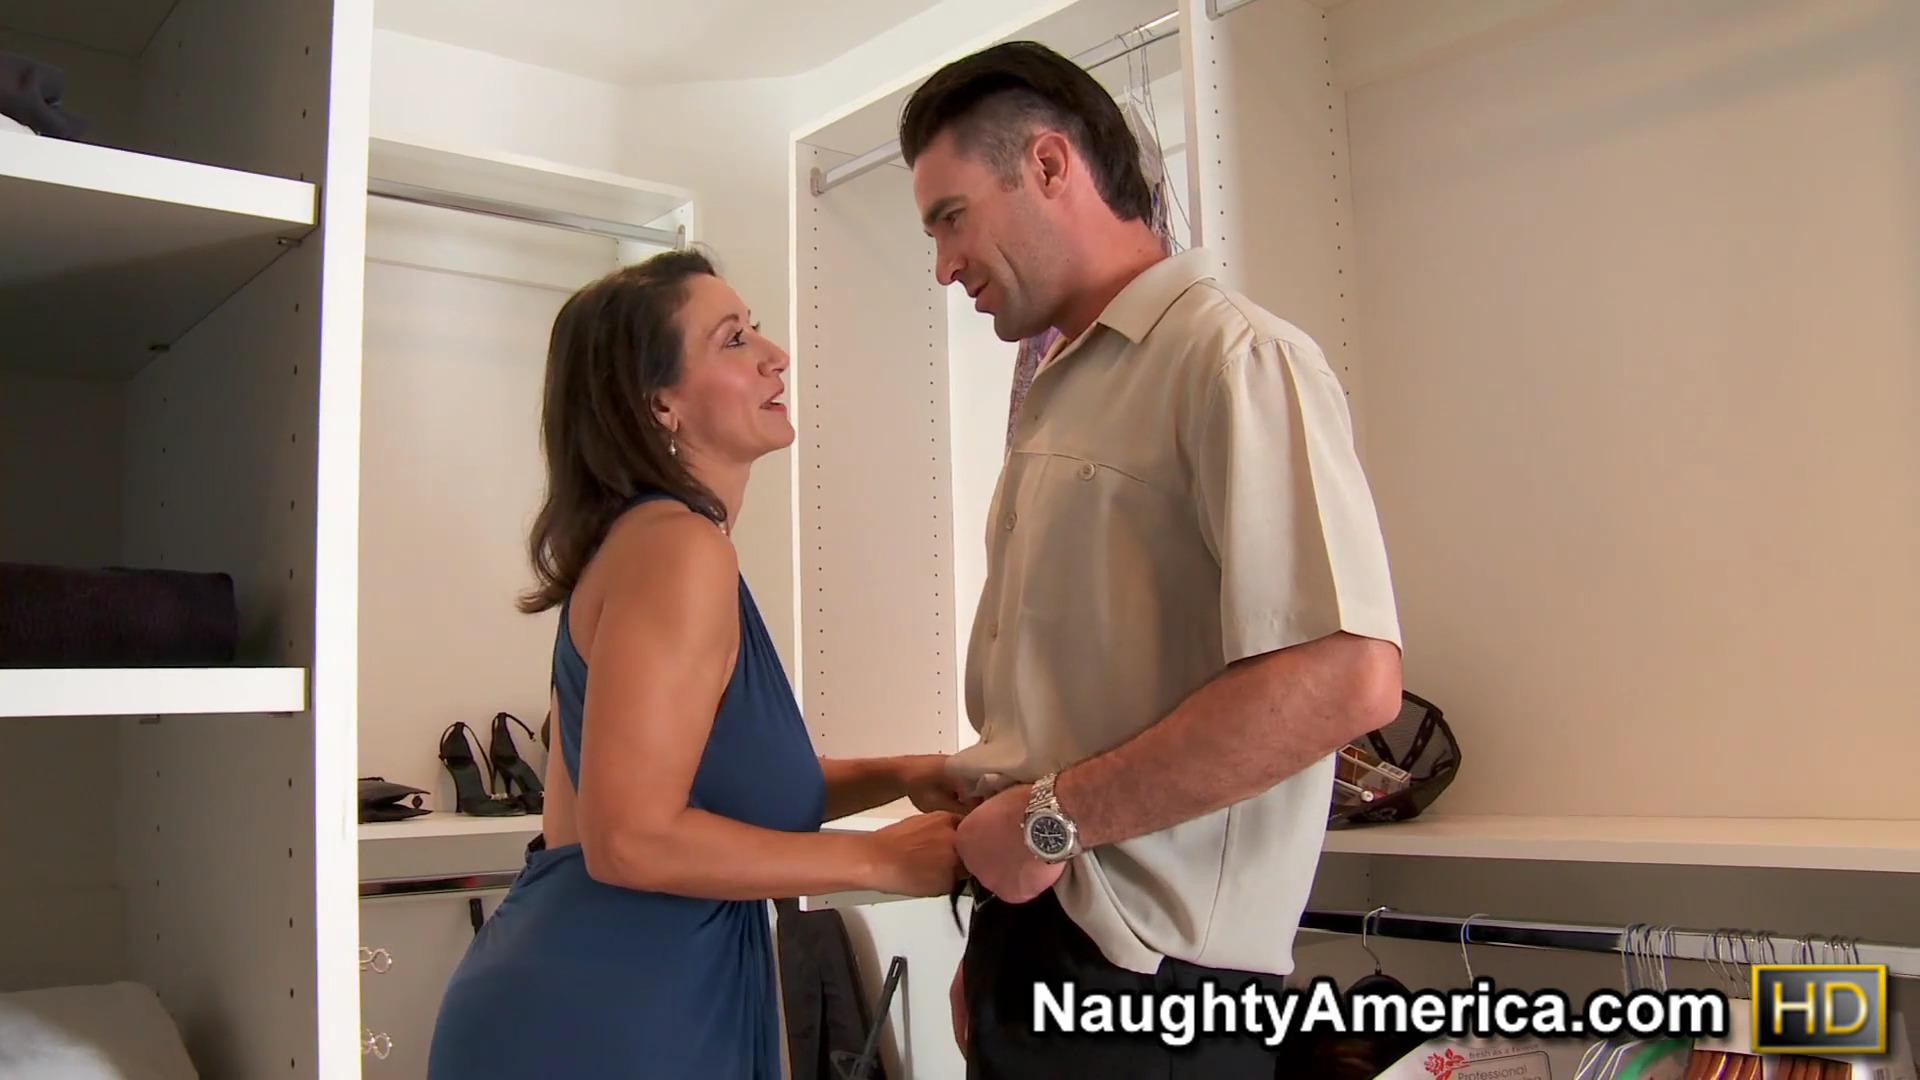 Опытная женщина с волосатой пиздой занимается сексом с соседом